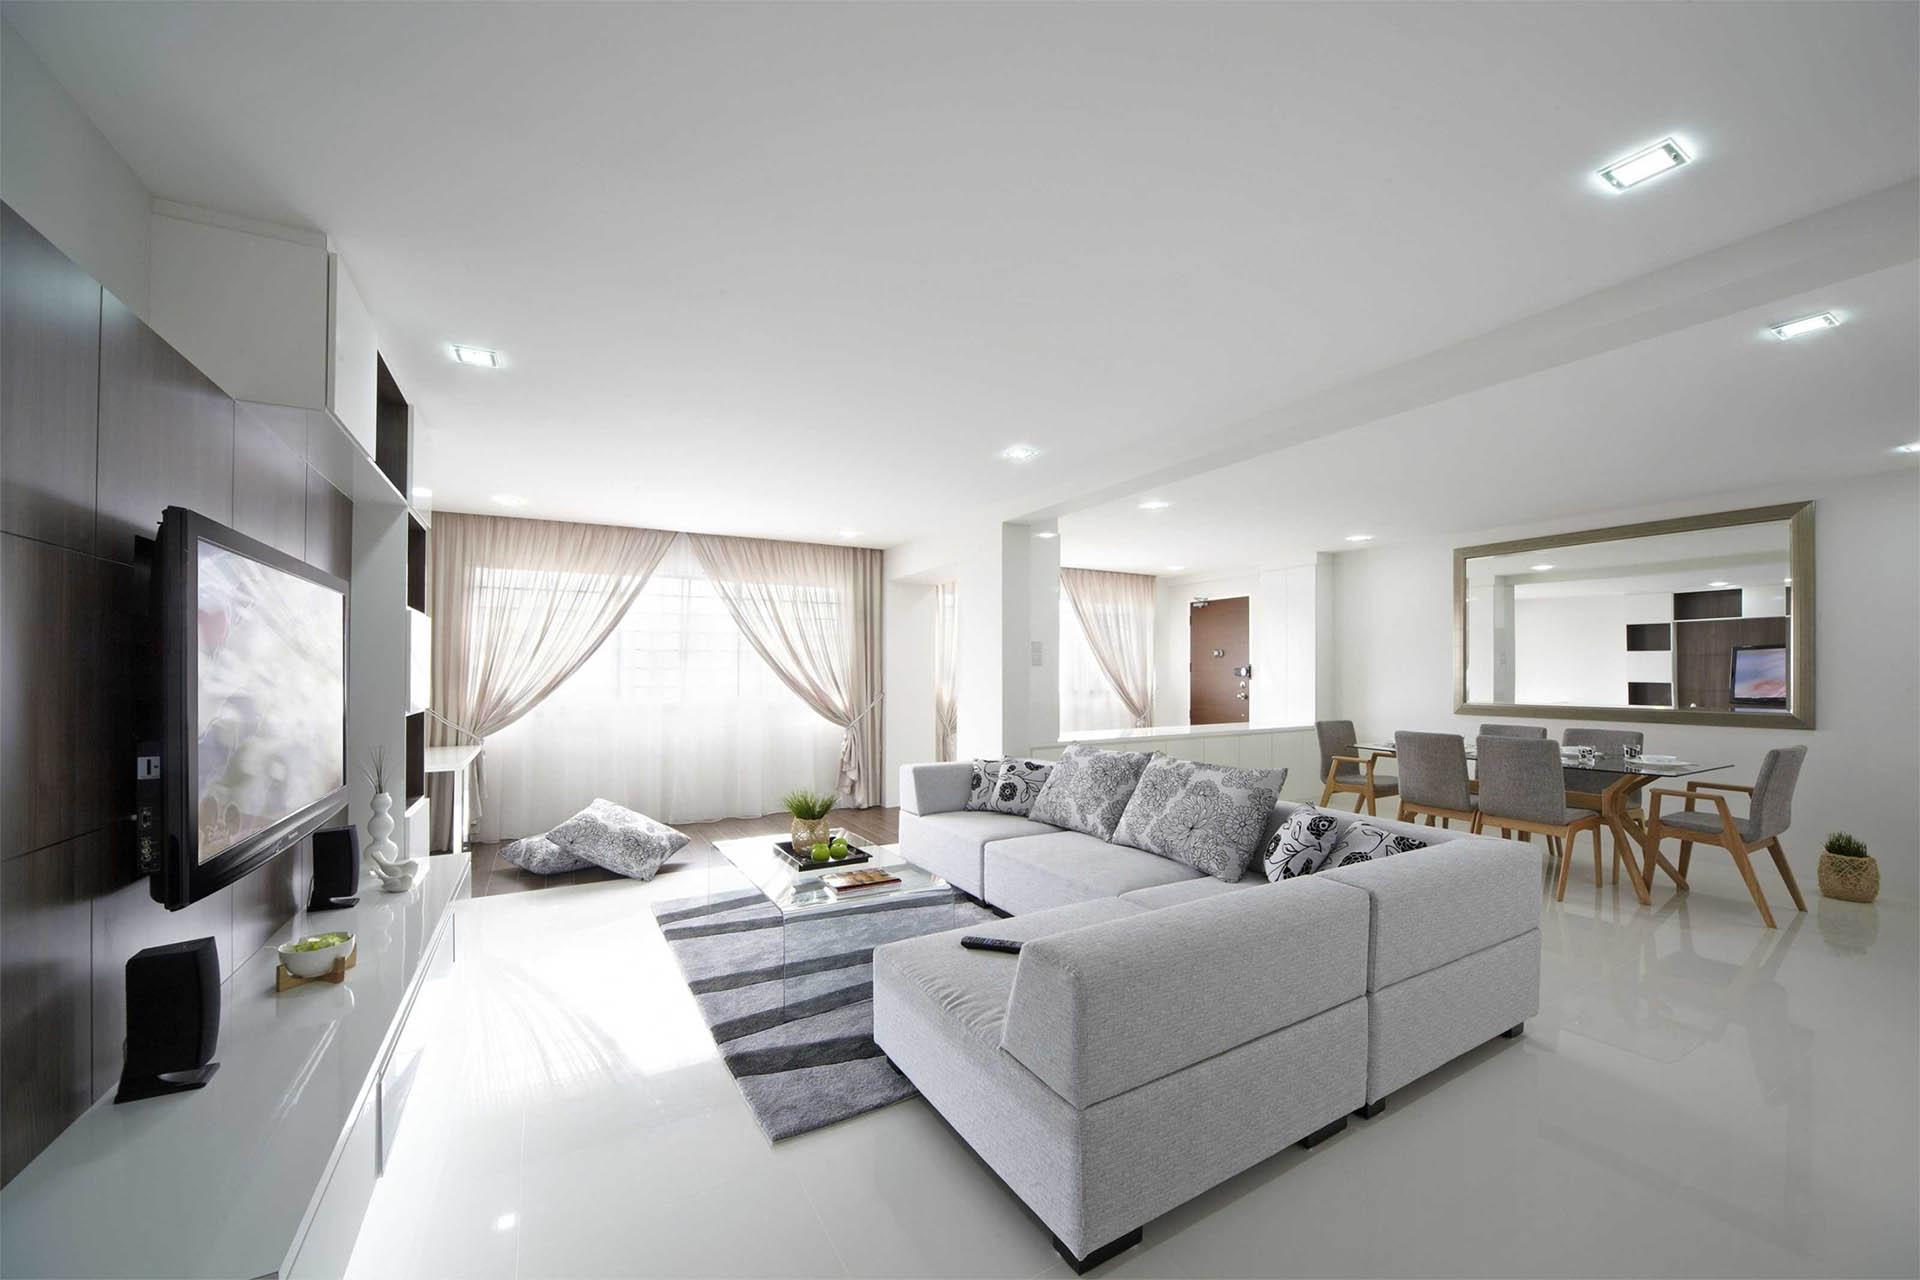 living-room-white-ceramic-tiles – Mariwasa Siam Ceramics Inc.